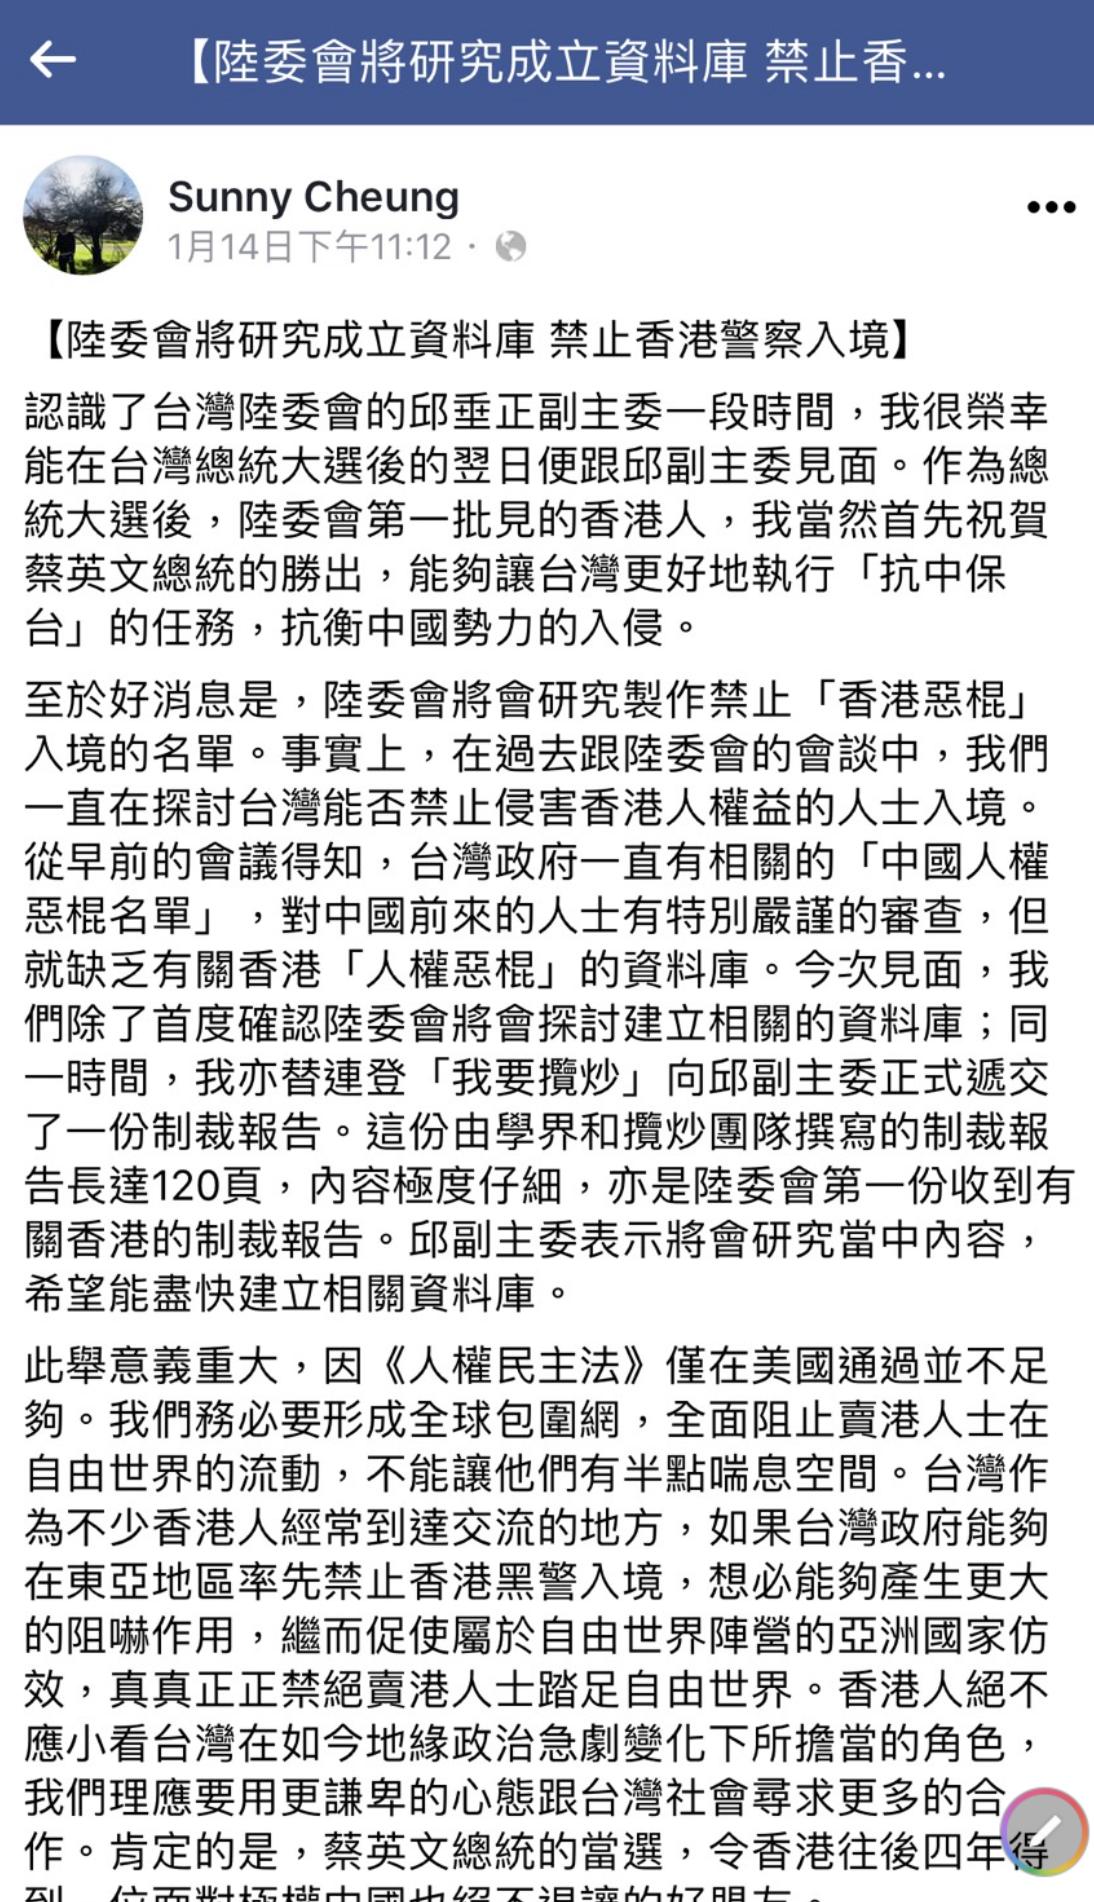 港生张昆阳脸书披露已向台湾陆委会递交一份侵害香港人权者的黑名单(张昆阳脸书)